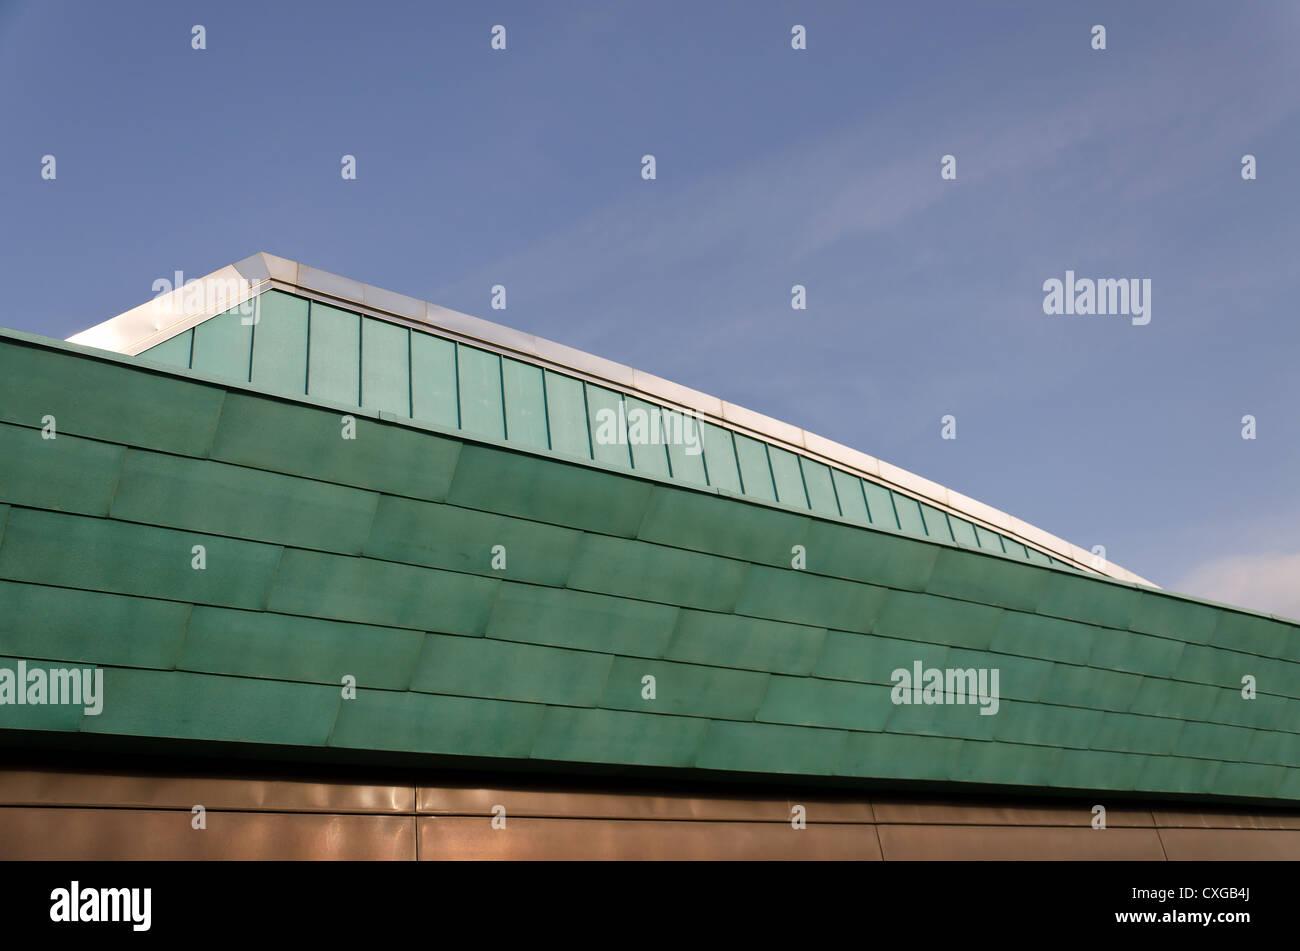 Conception de toit expérimentale moderne mêlant cuivre et feuilles d'aluminium comme l'argile tuiles qui se chevauchent Banque D'Images